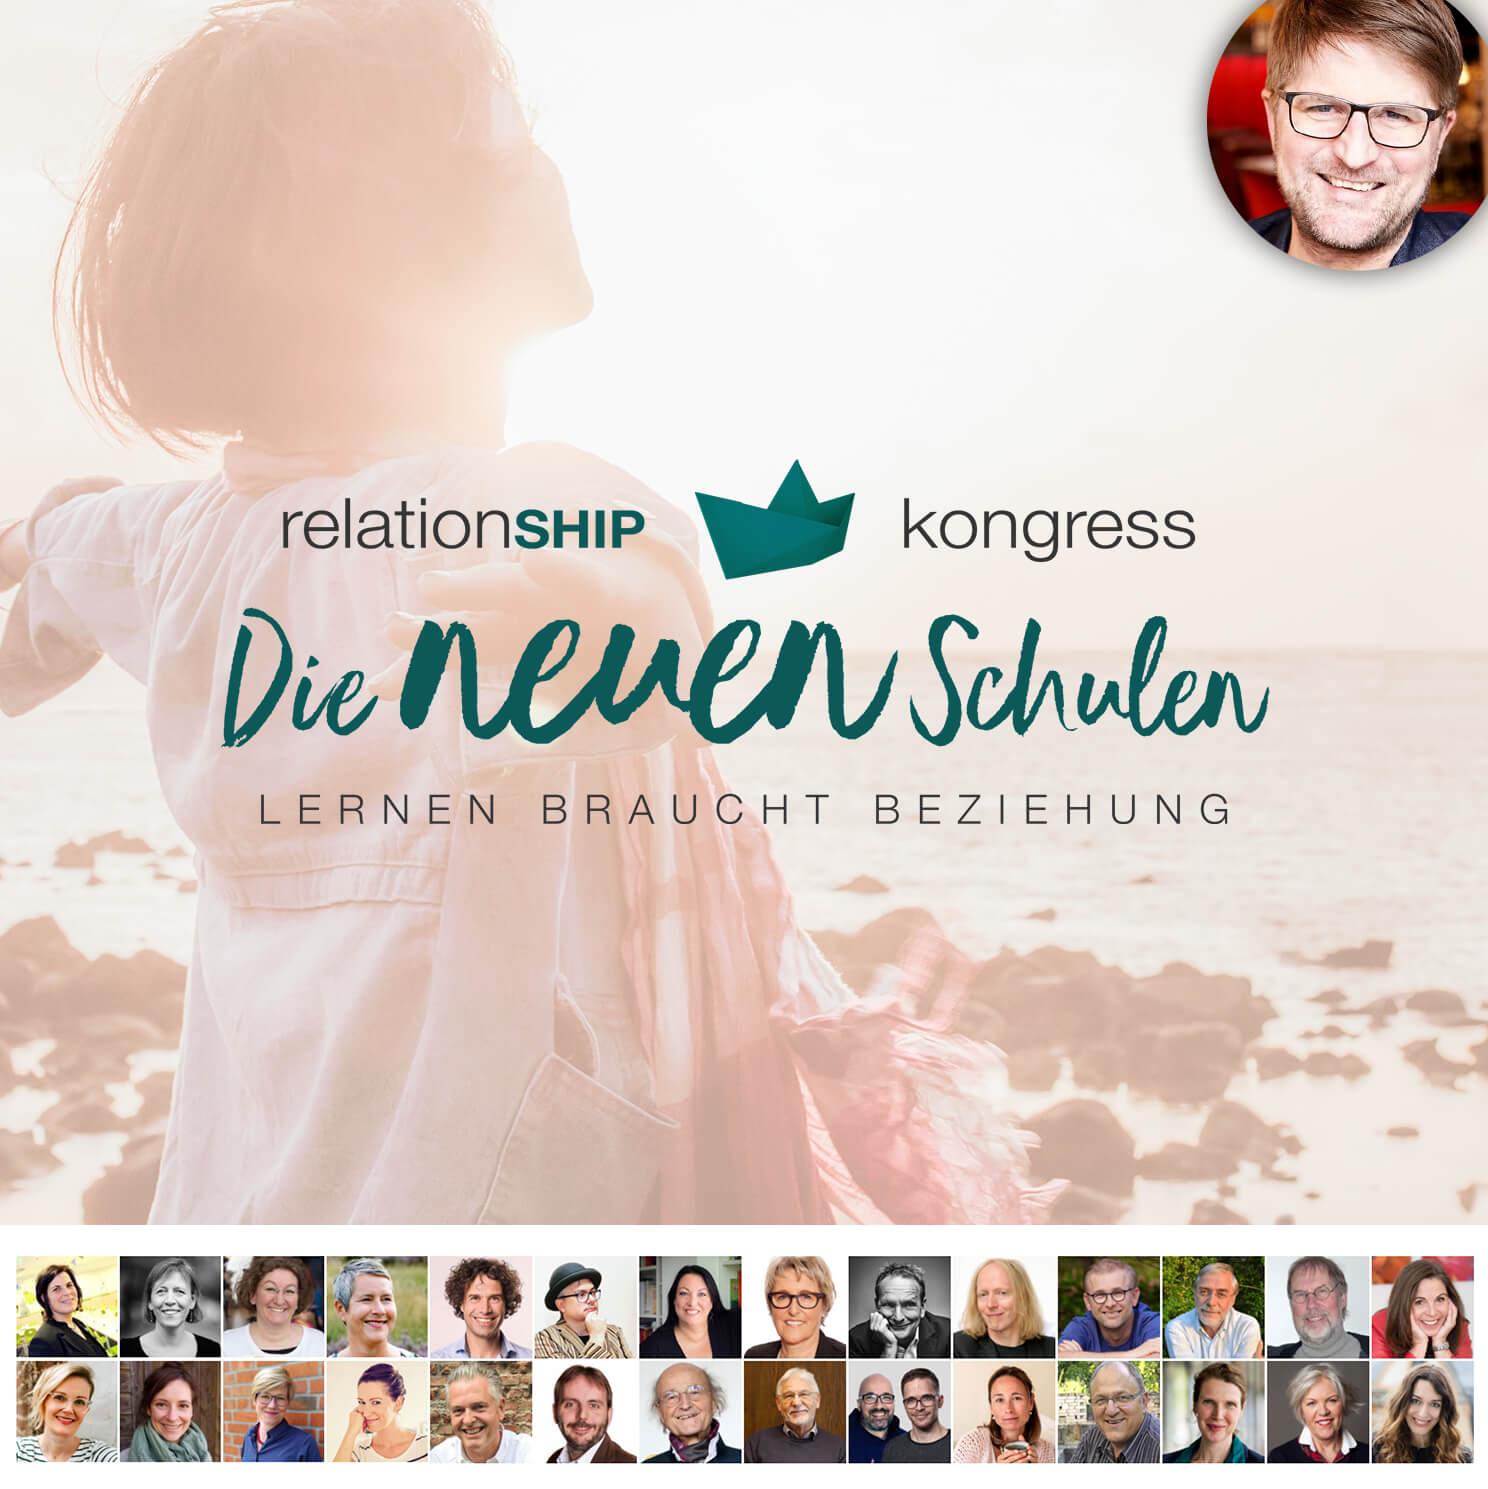 Die neuen Schulen - relationSHIP Kongress